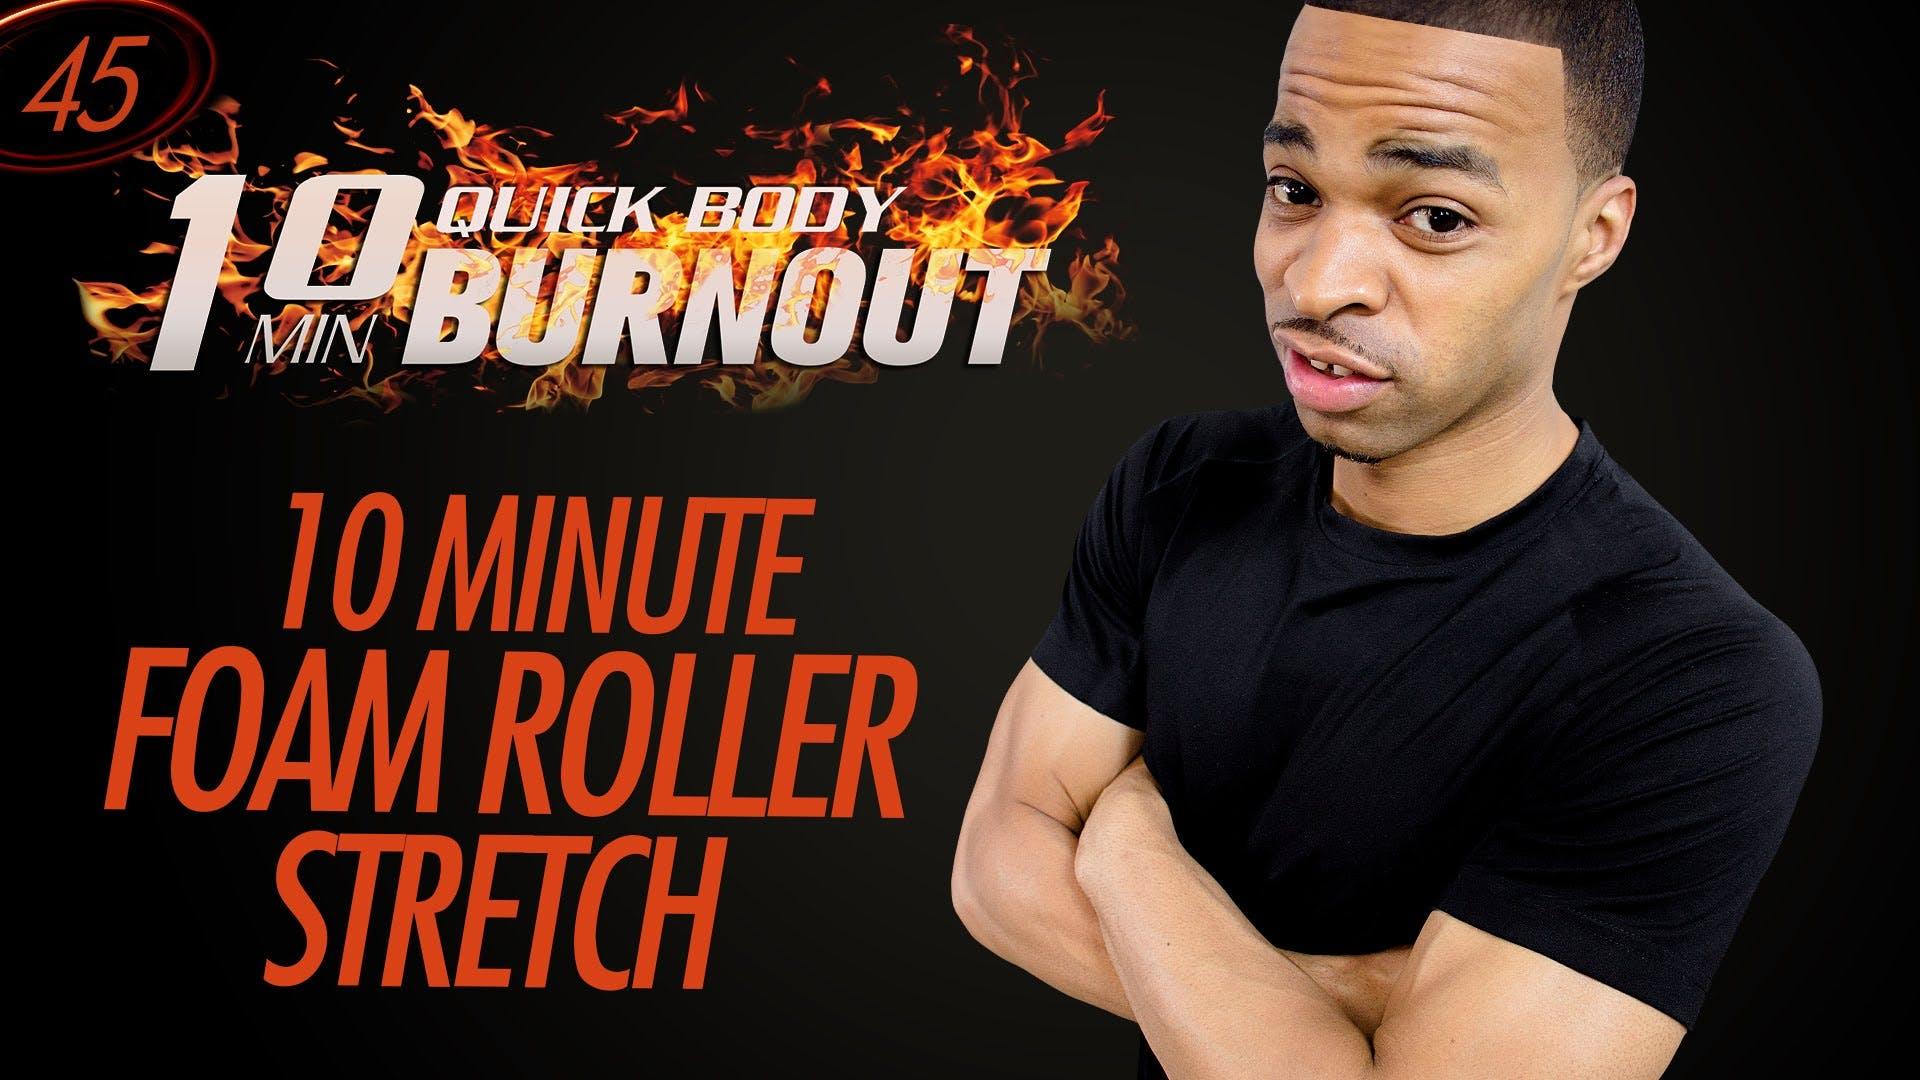 045 - 10 Minute Full Body Foam Roller Stretch Routine